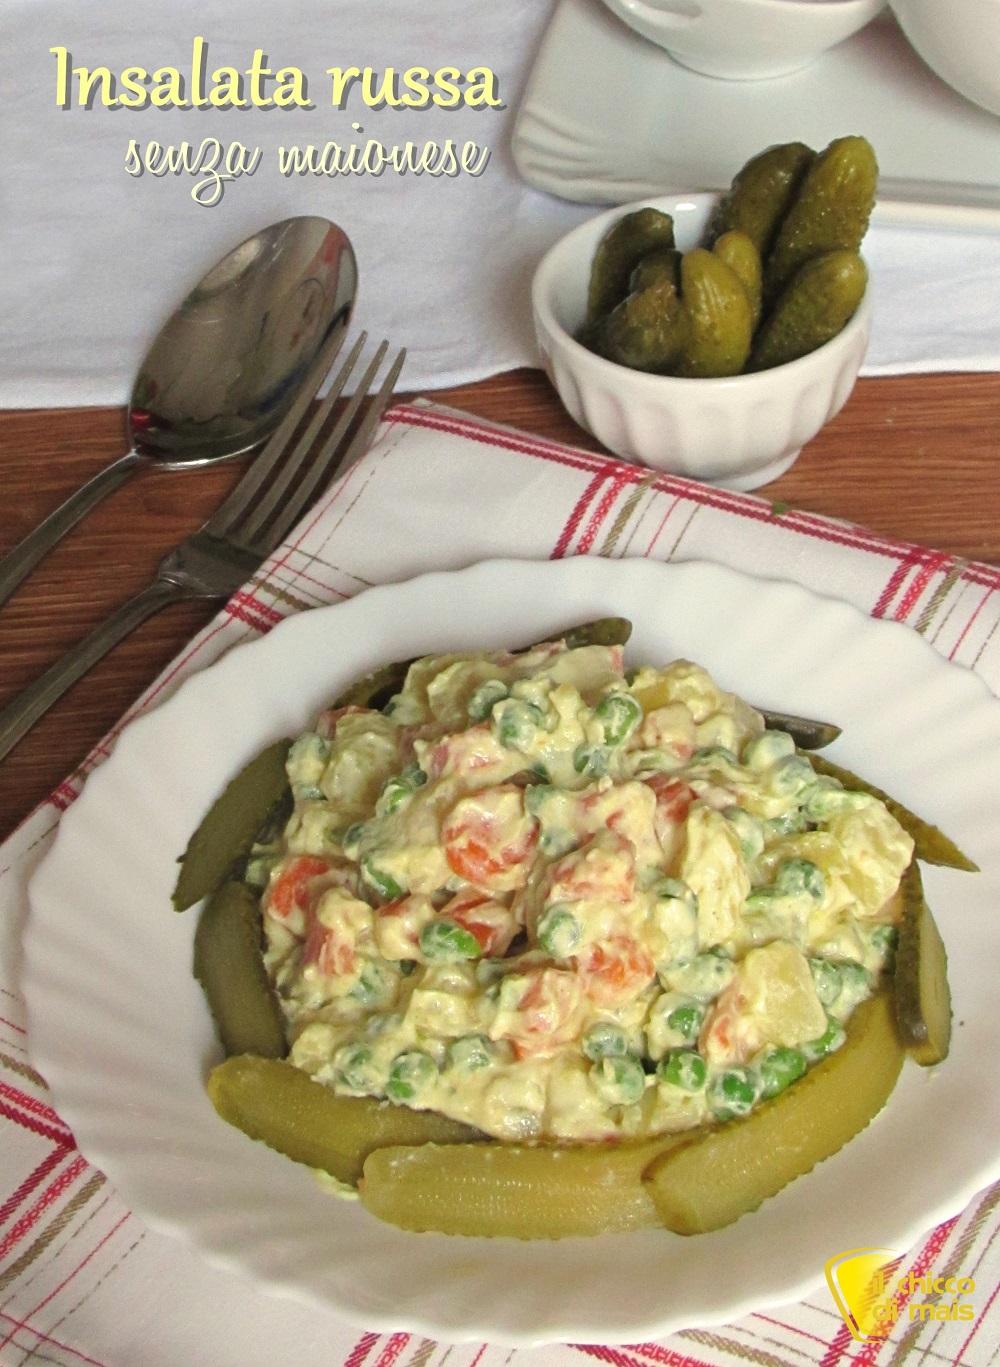 verticale_insalata russa senza maionese senza uova ricetta light leggera per natale il chicco di mais